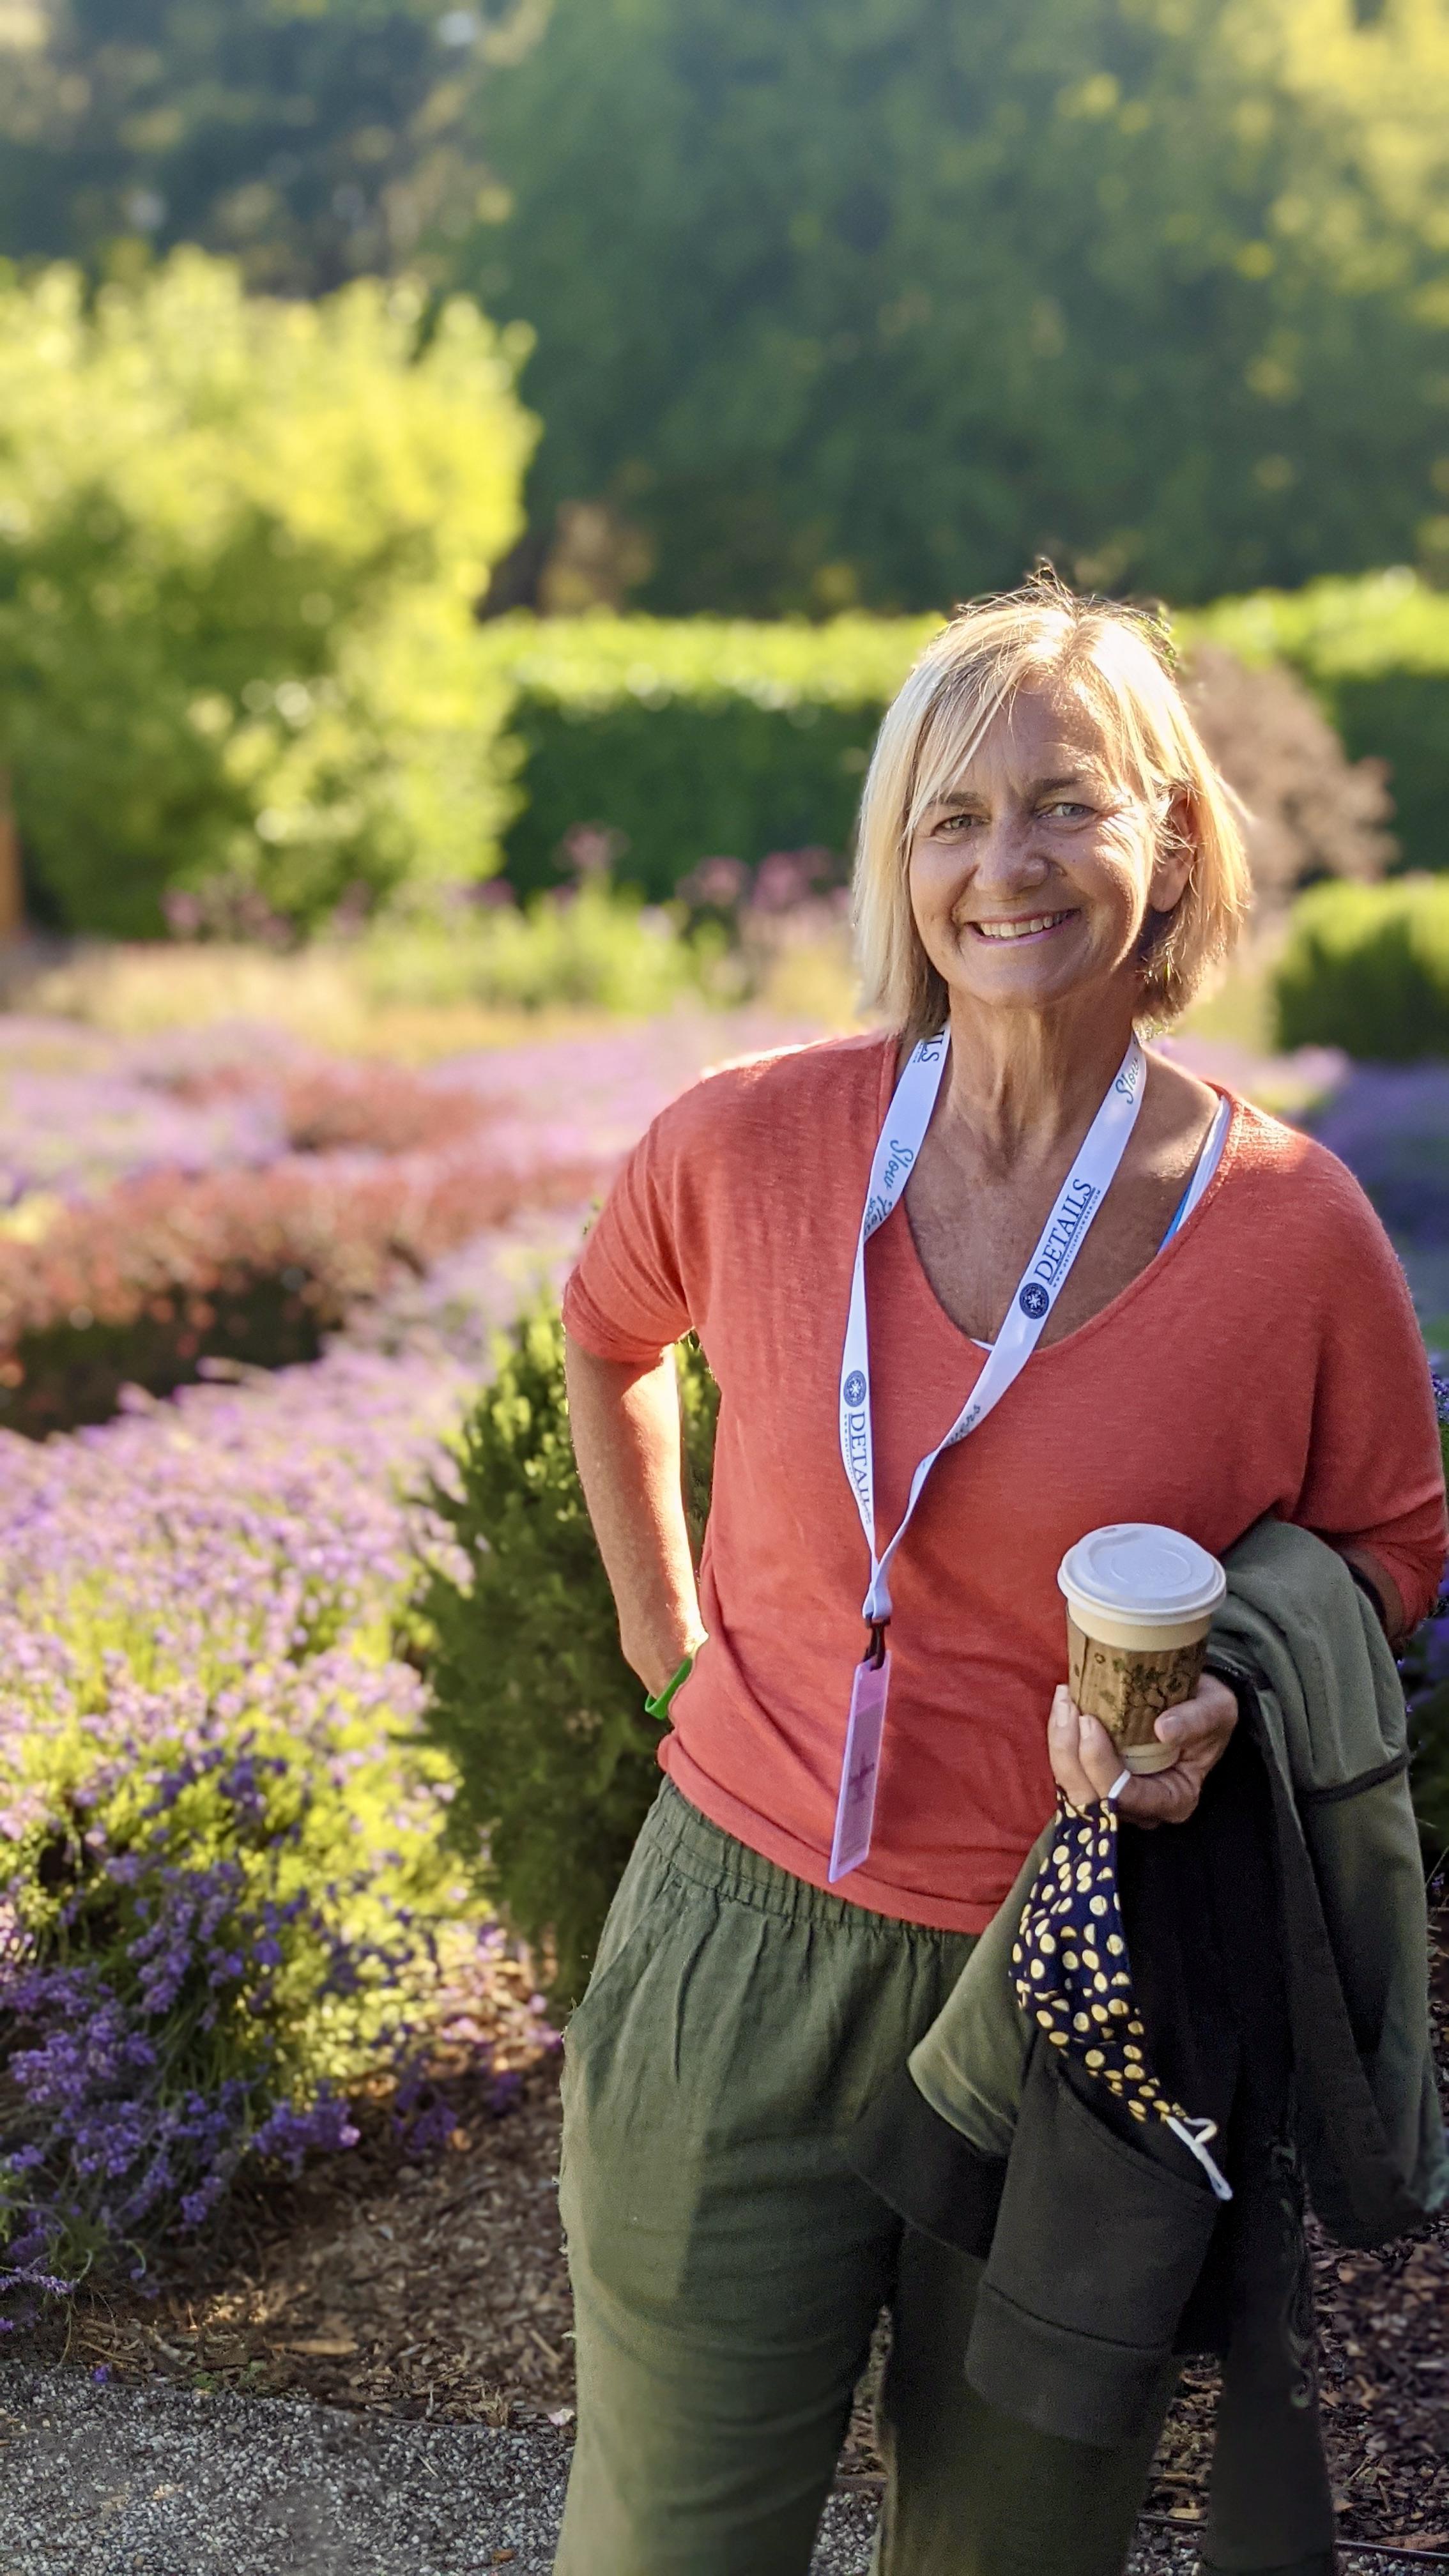 Casey Coleman Schwartz of Flower Duet in a Garden